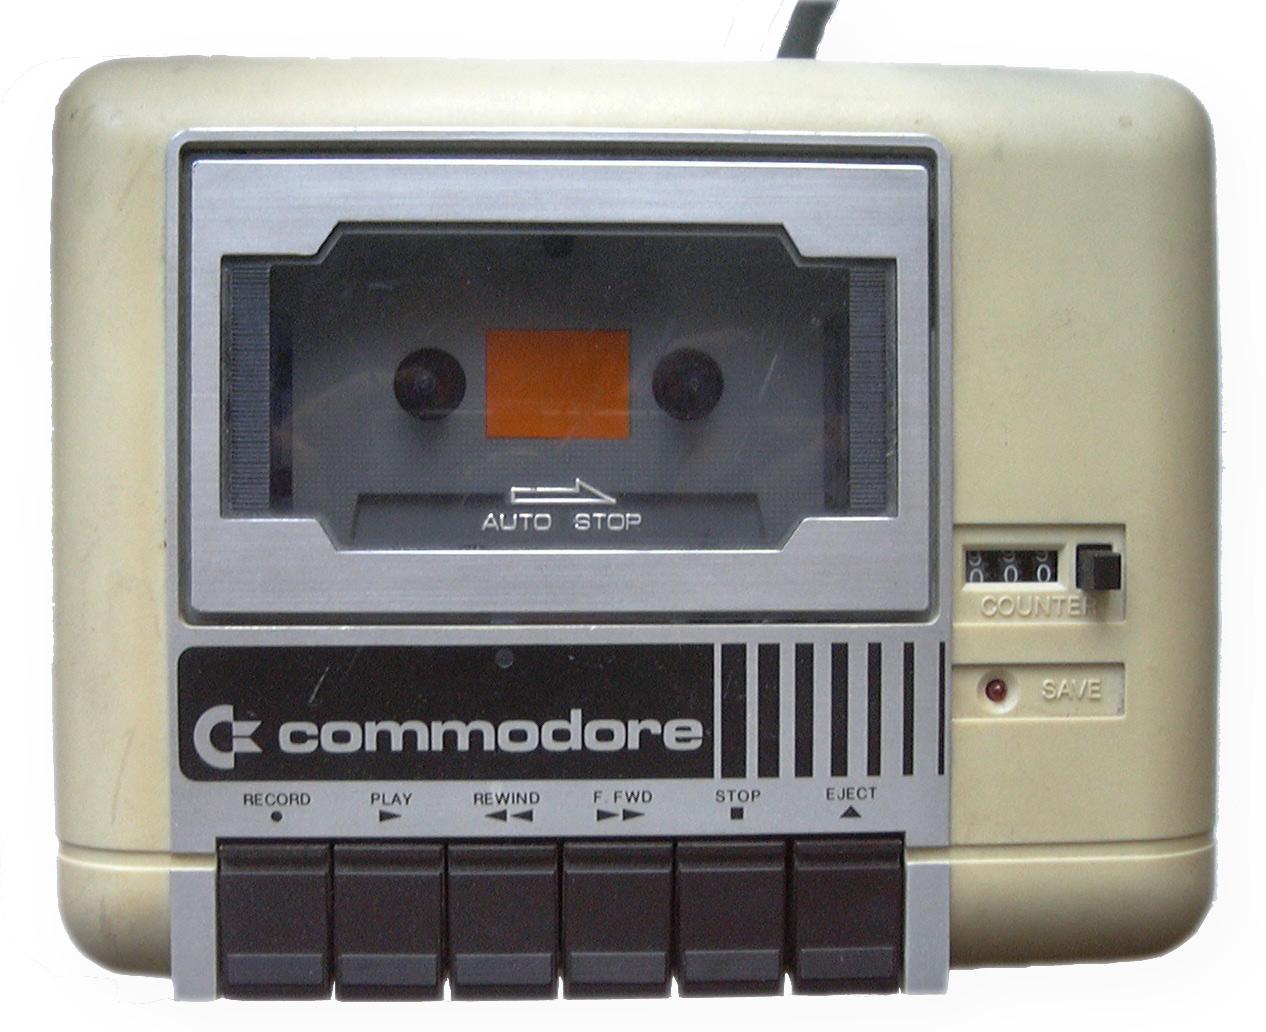 Miten 8-bittisillä laitteilla tehtiin niin vallankumouksellista musiikkia? Esittelyssä...